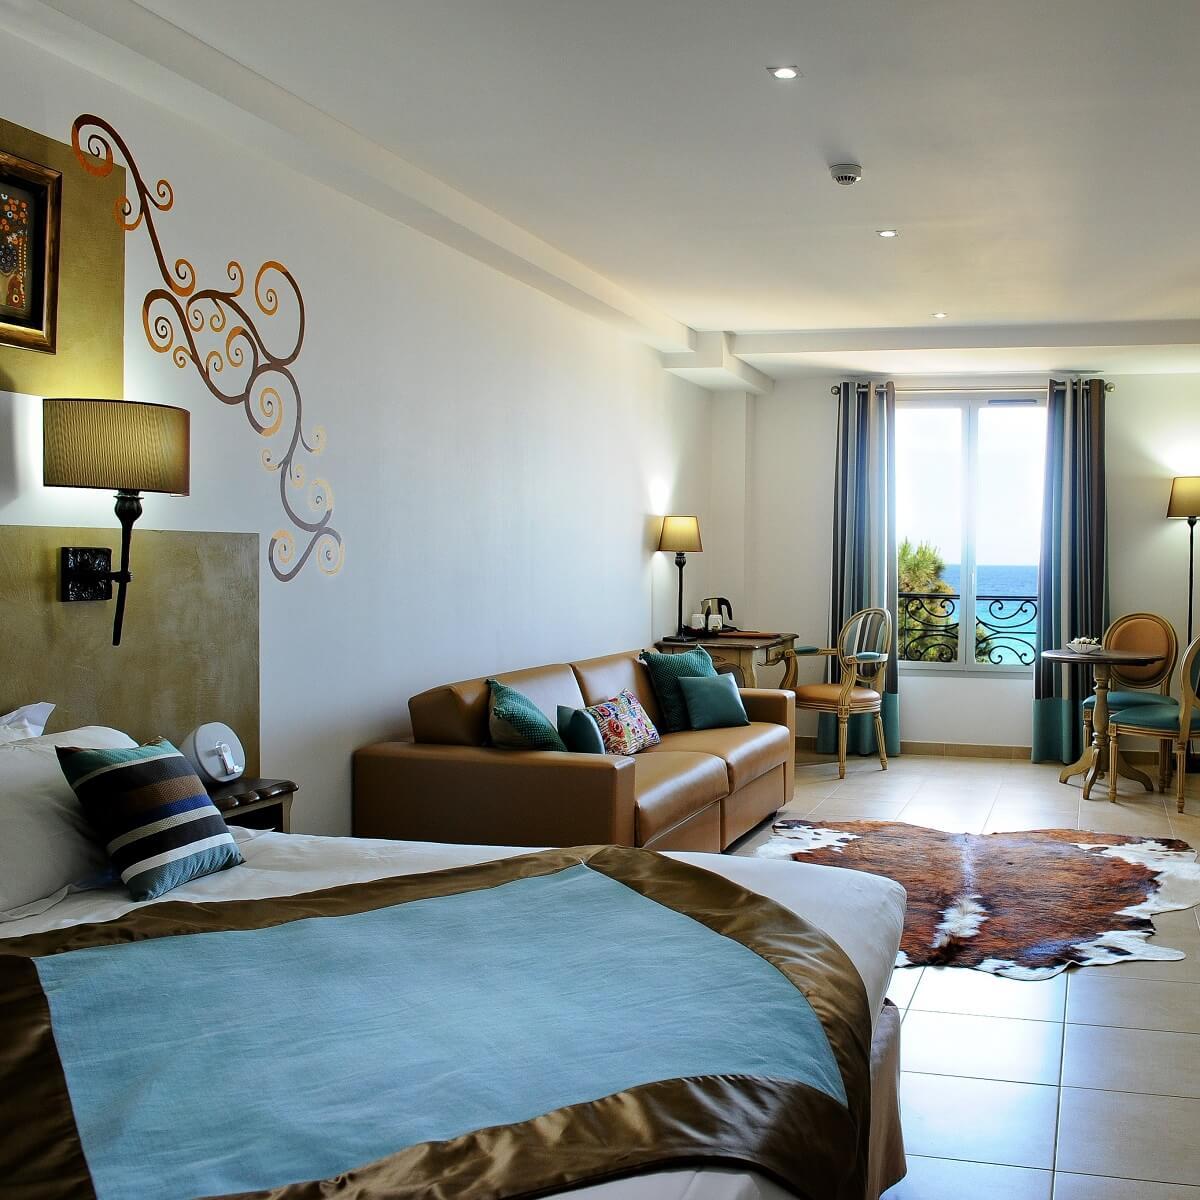 Chambre - Hôtel Liberata - L'île Rousse - Haute-Corse